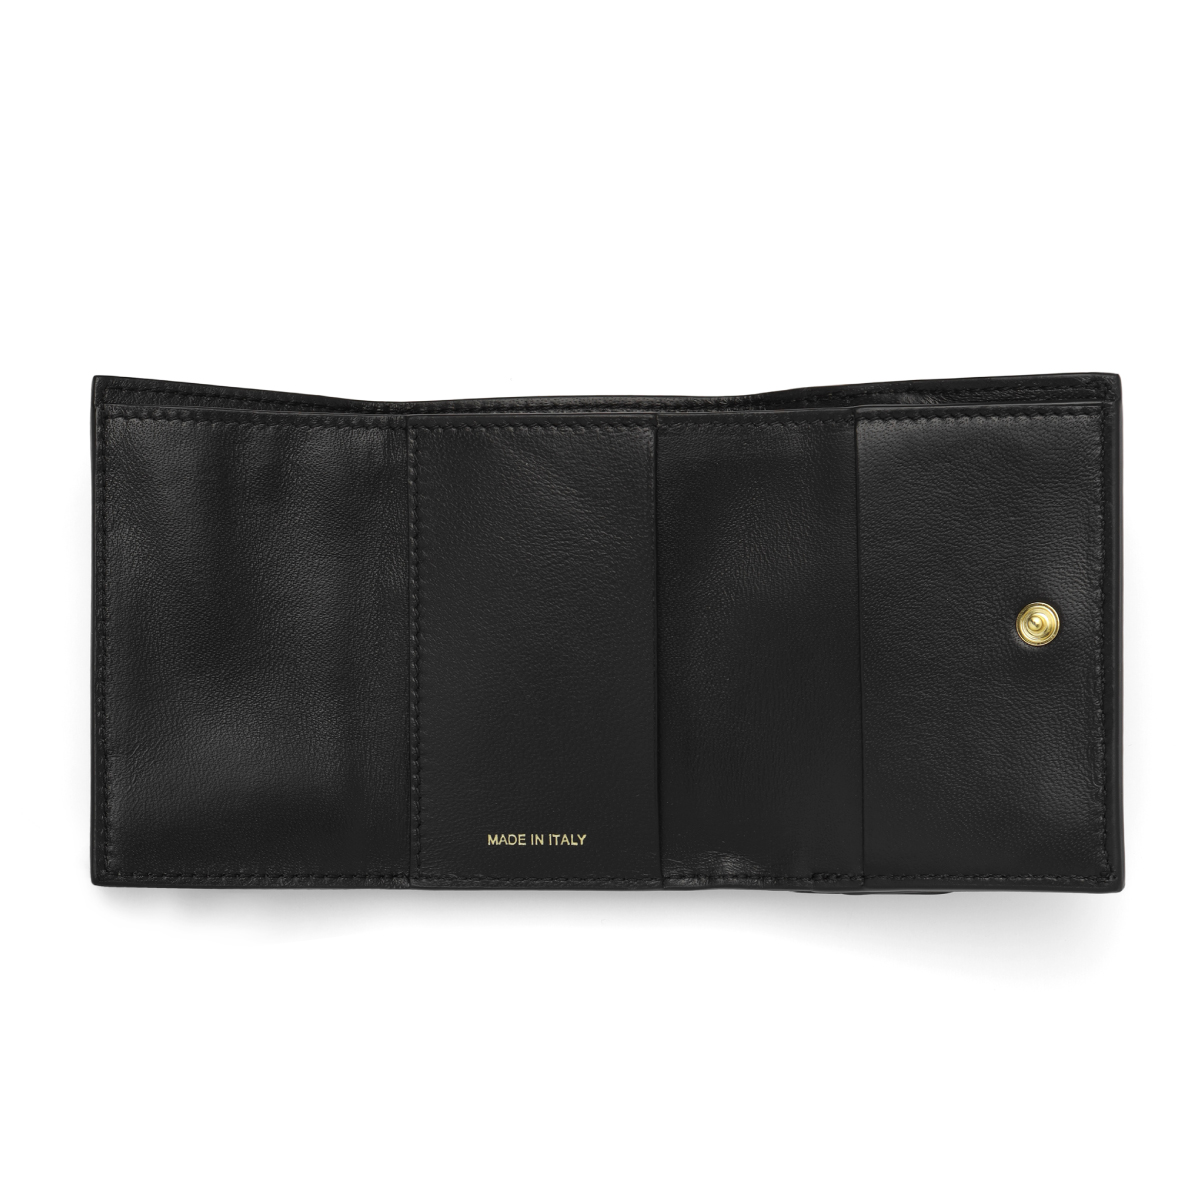 MARNI マルニ   三つ折り財布